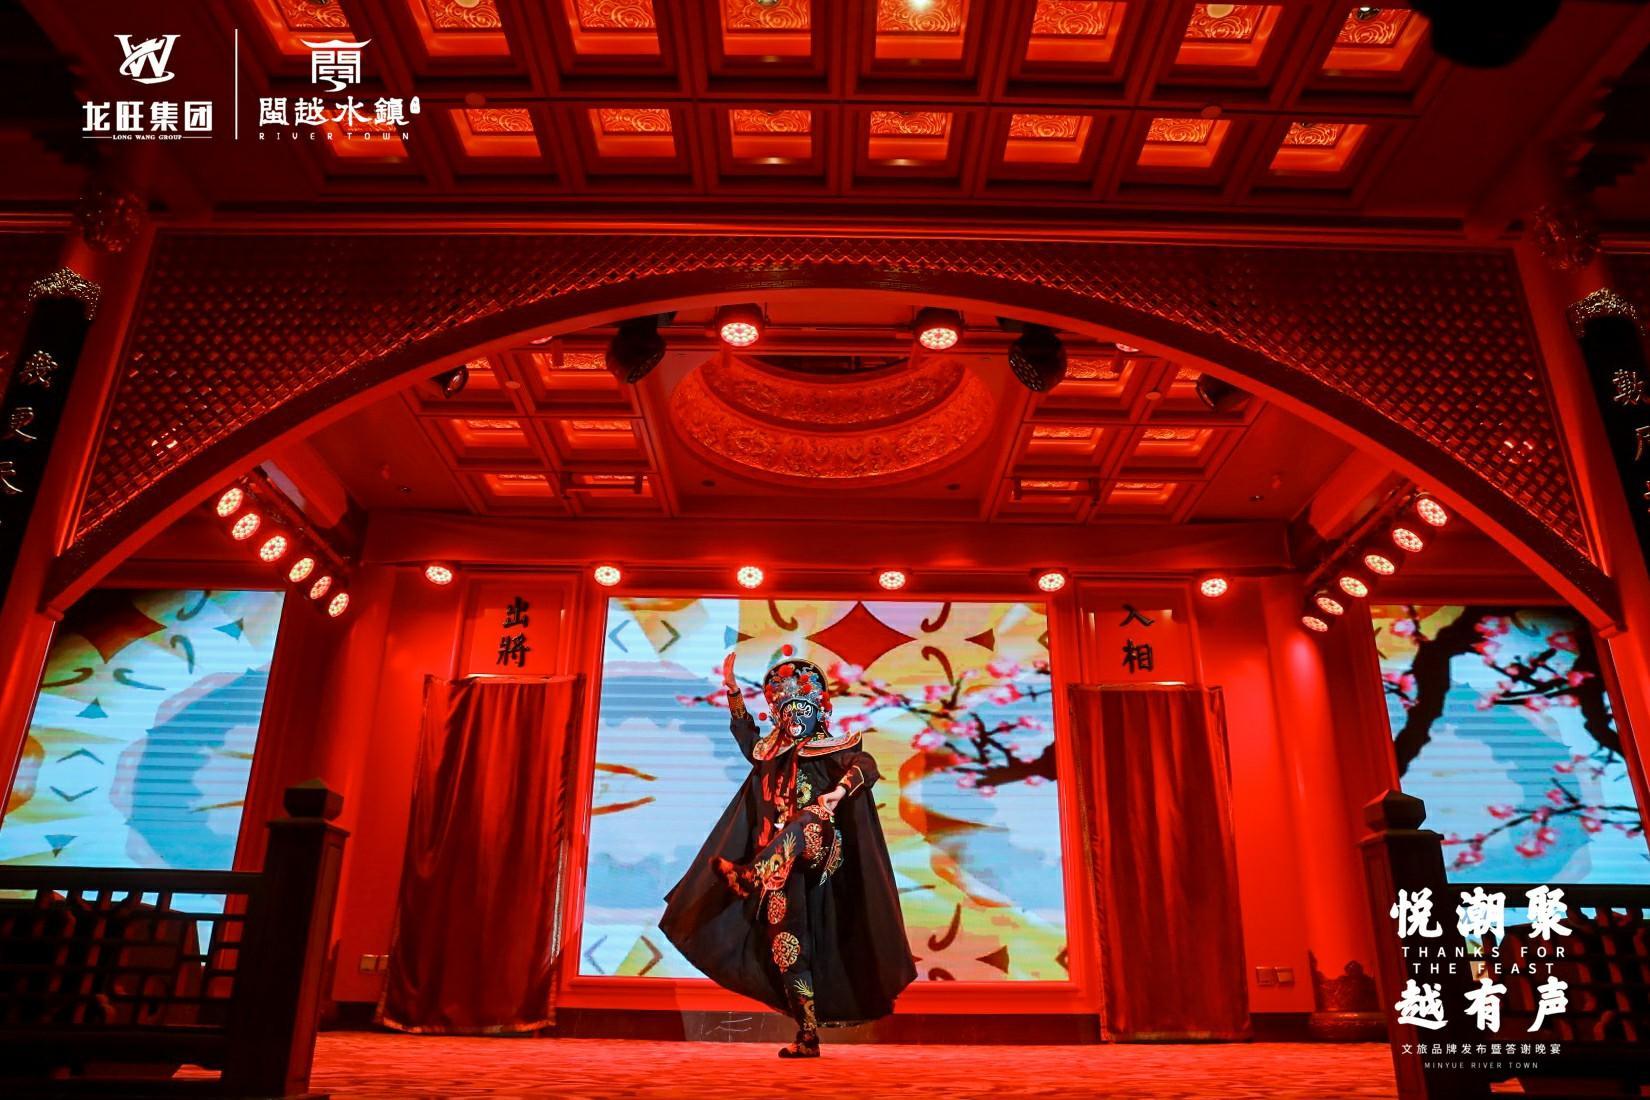 「悦潮聚 越有声」文旅品牌发布会活动策划延续海丝精神与闽越文化的内核